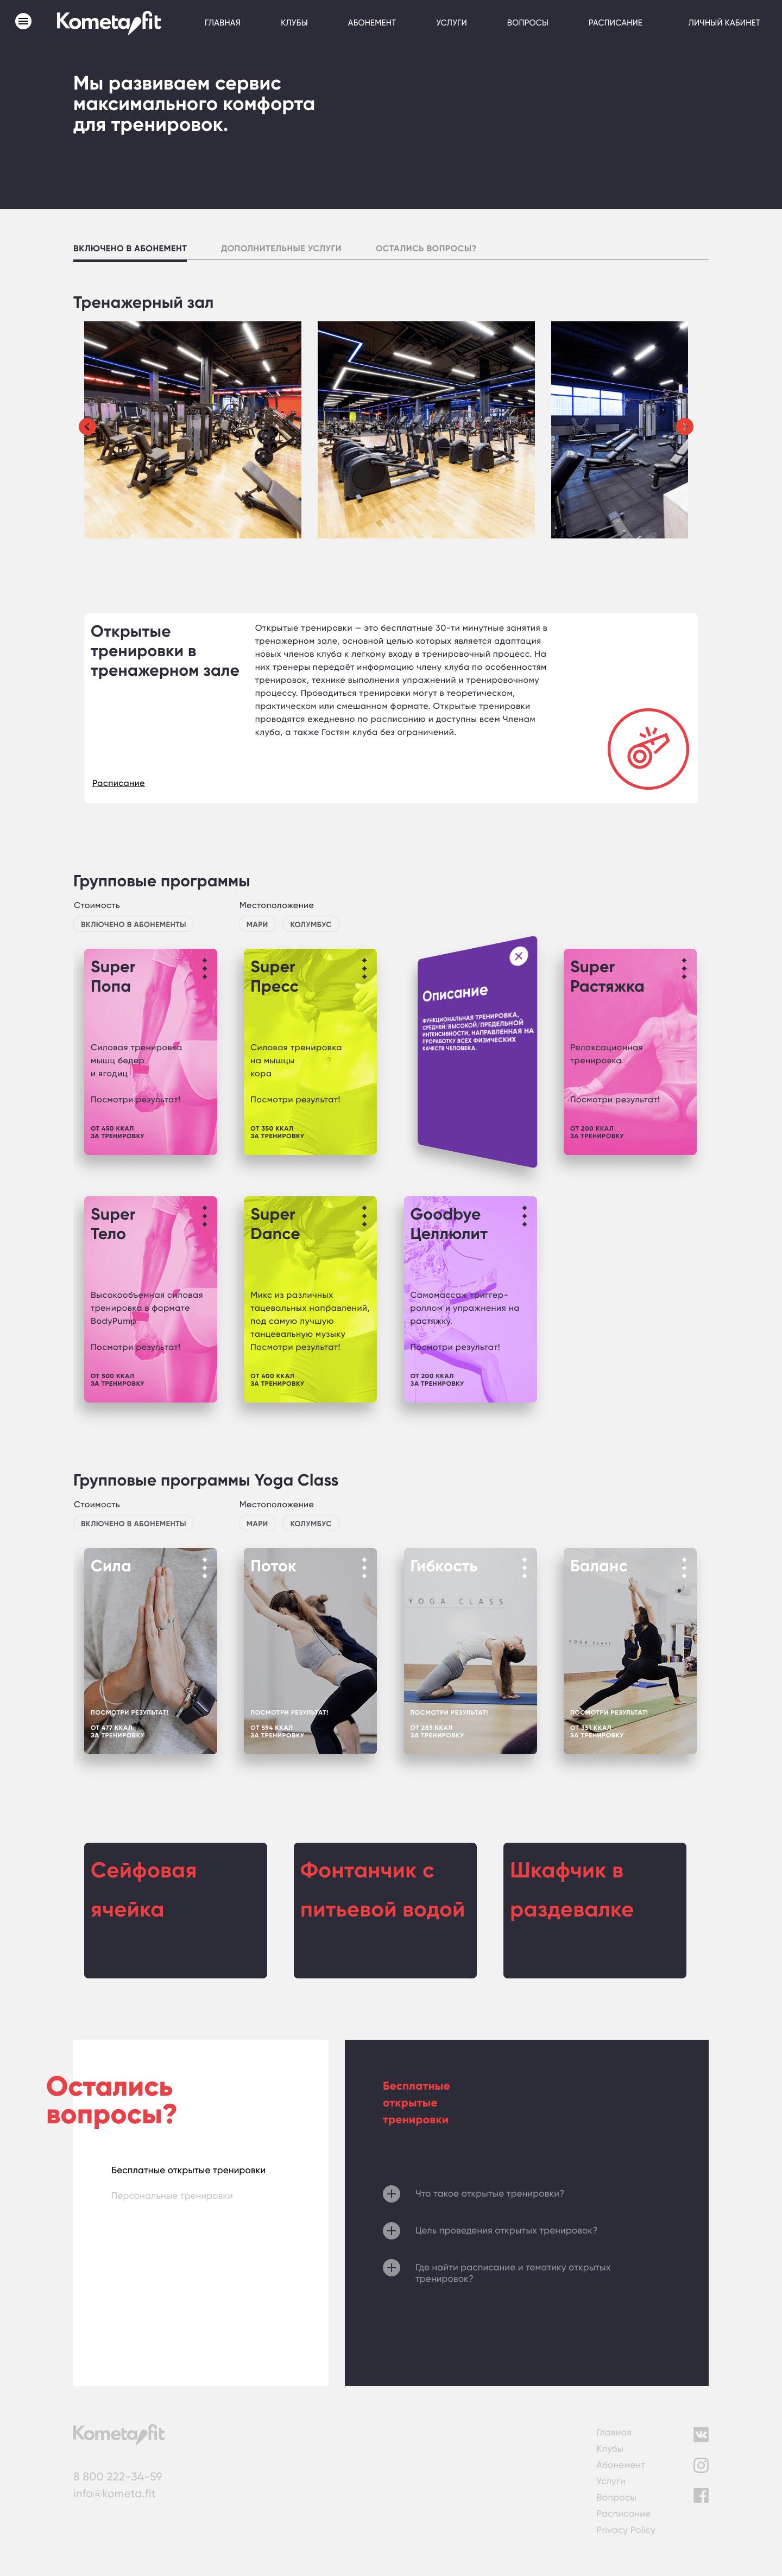 Разработка сайта для сети фитнес кубов